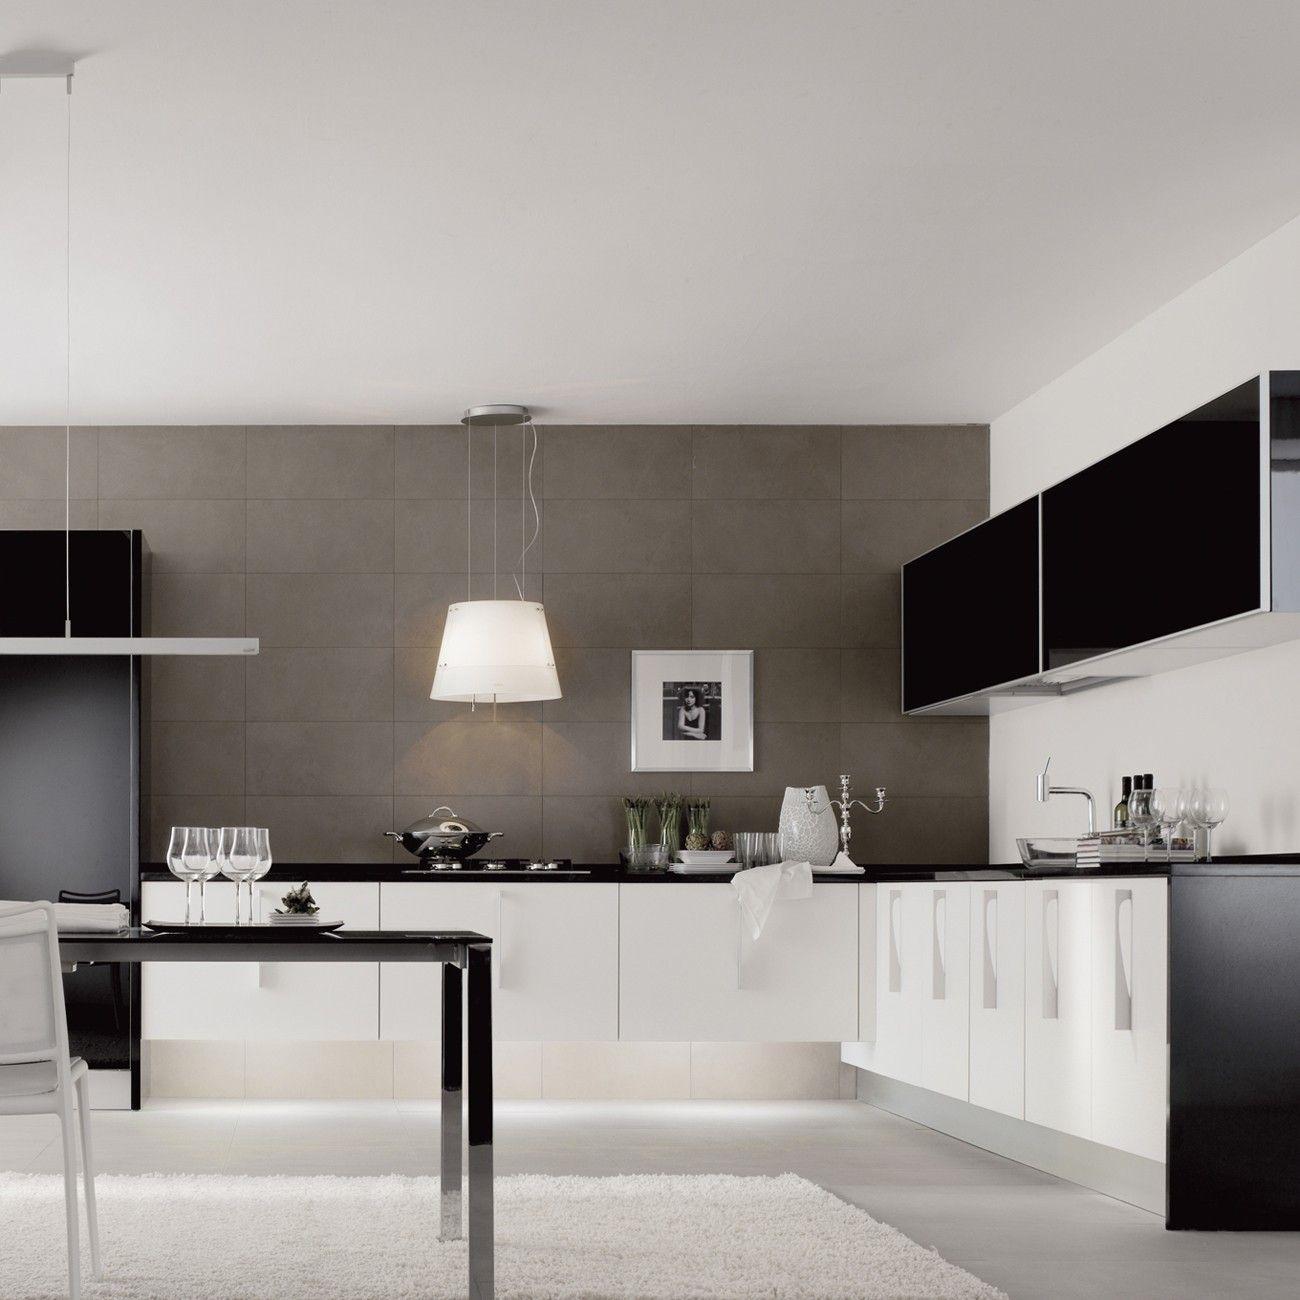 Nett Küchendesigner Jobs Sydney Ideen - Ideen Für Die Küche ...